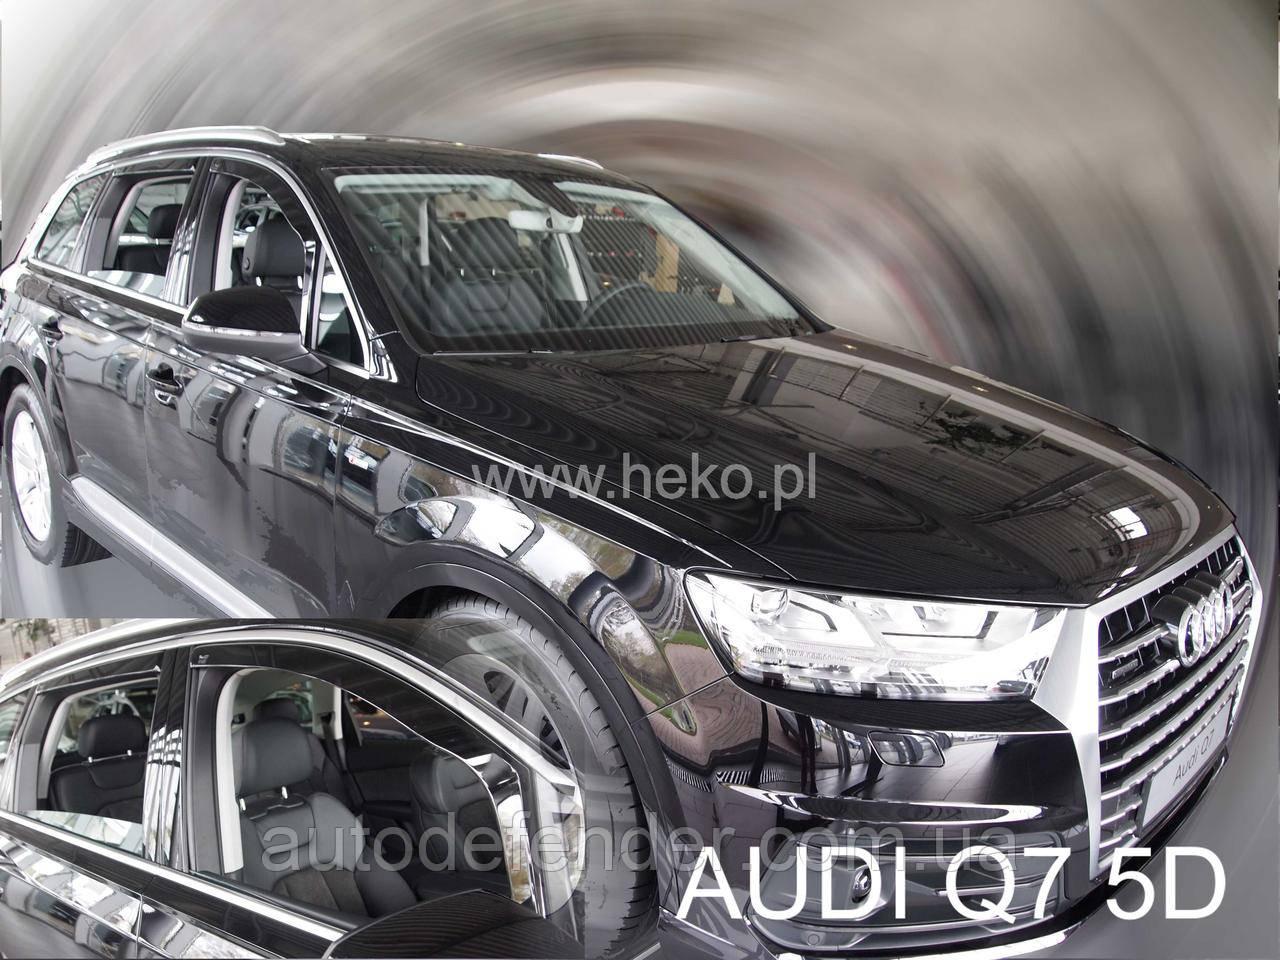 Дефлекторы окон (вставные!) ветровики Audi Q7 II 2015- 4шт., HEKO, 10249